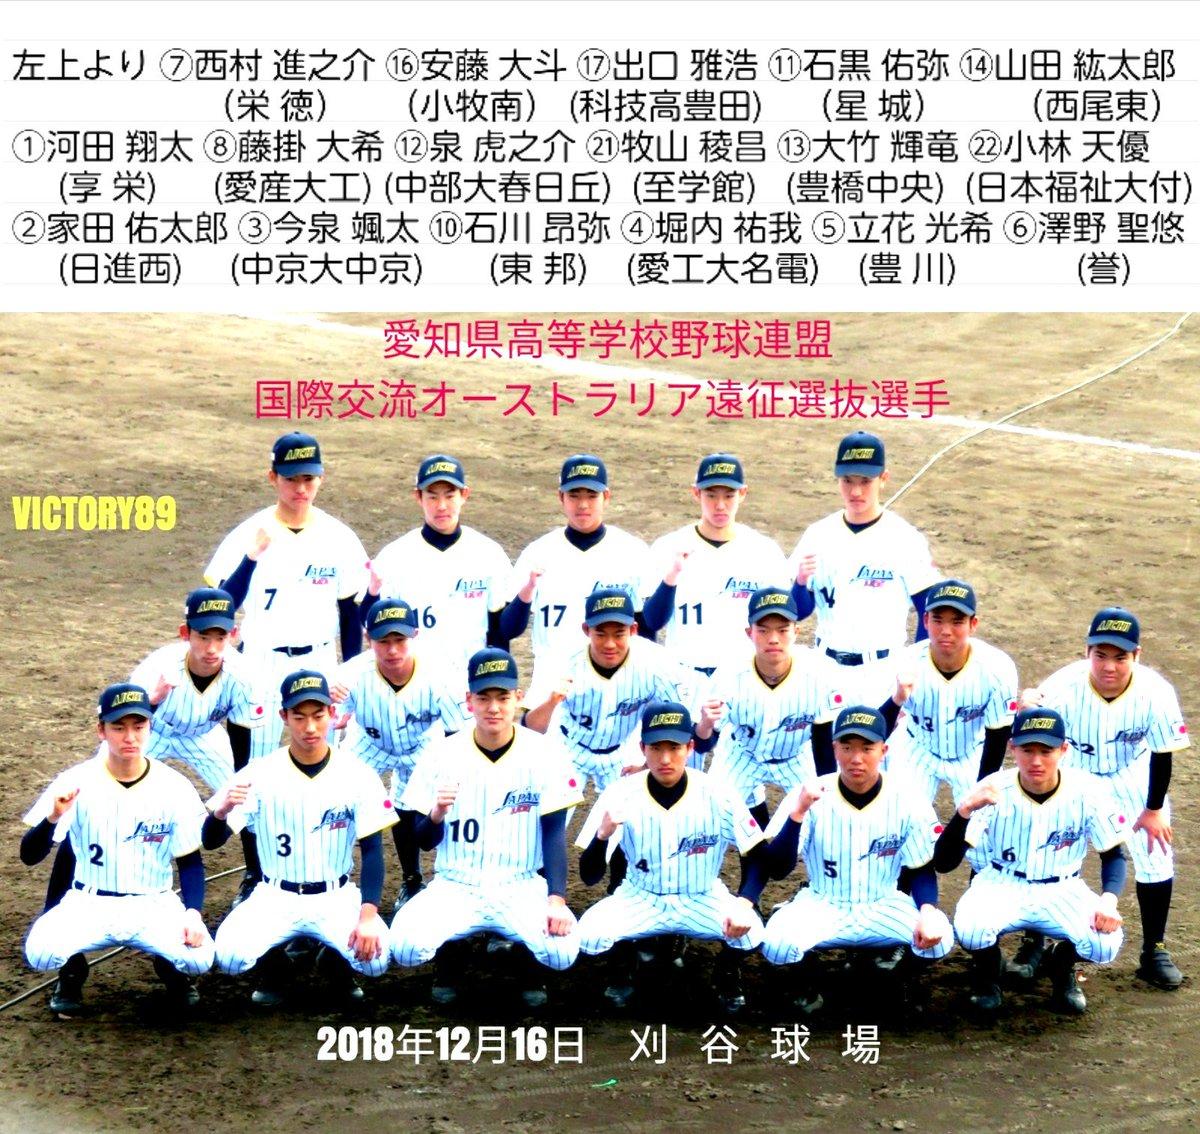 愛知 県 高校 野球